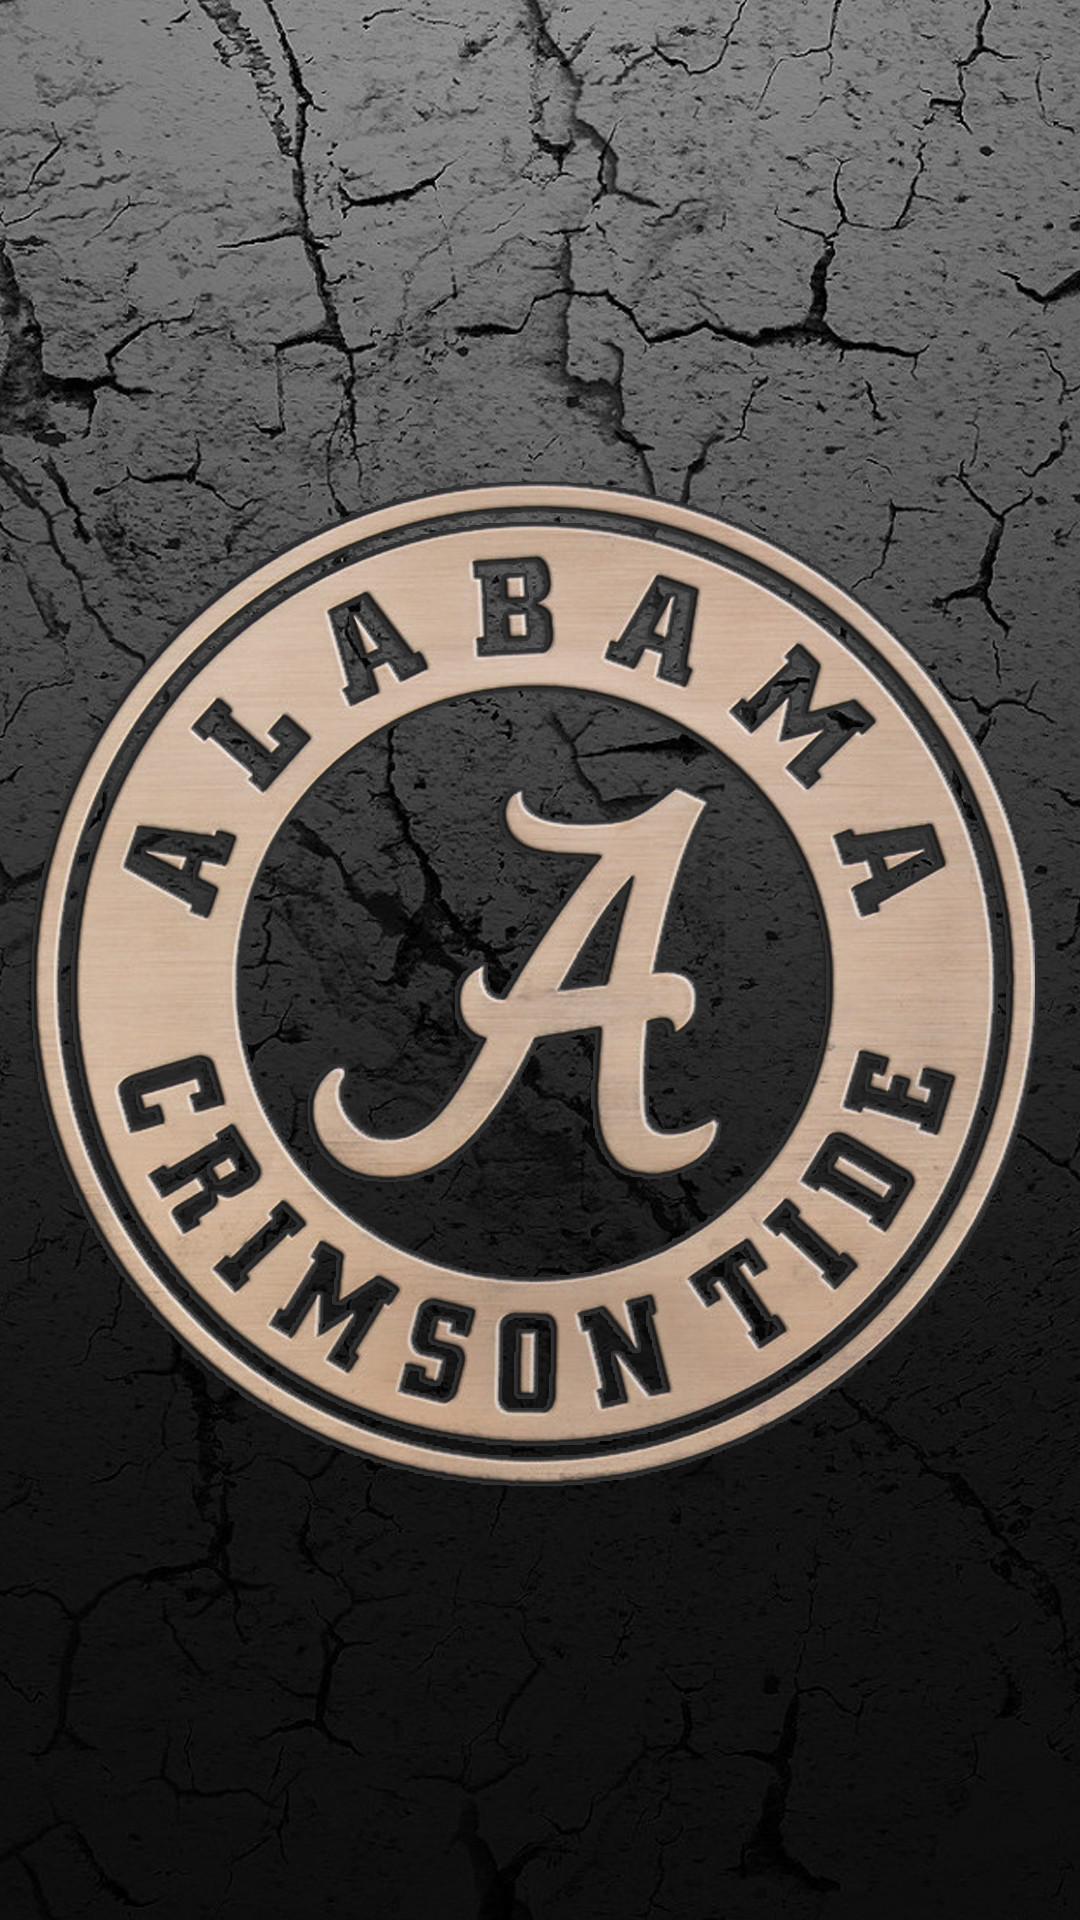 Crimson tide wallpaper 51 images - Alabama backgrounds ...